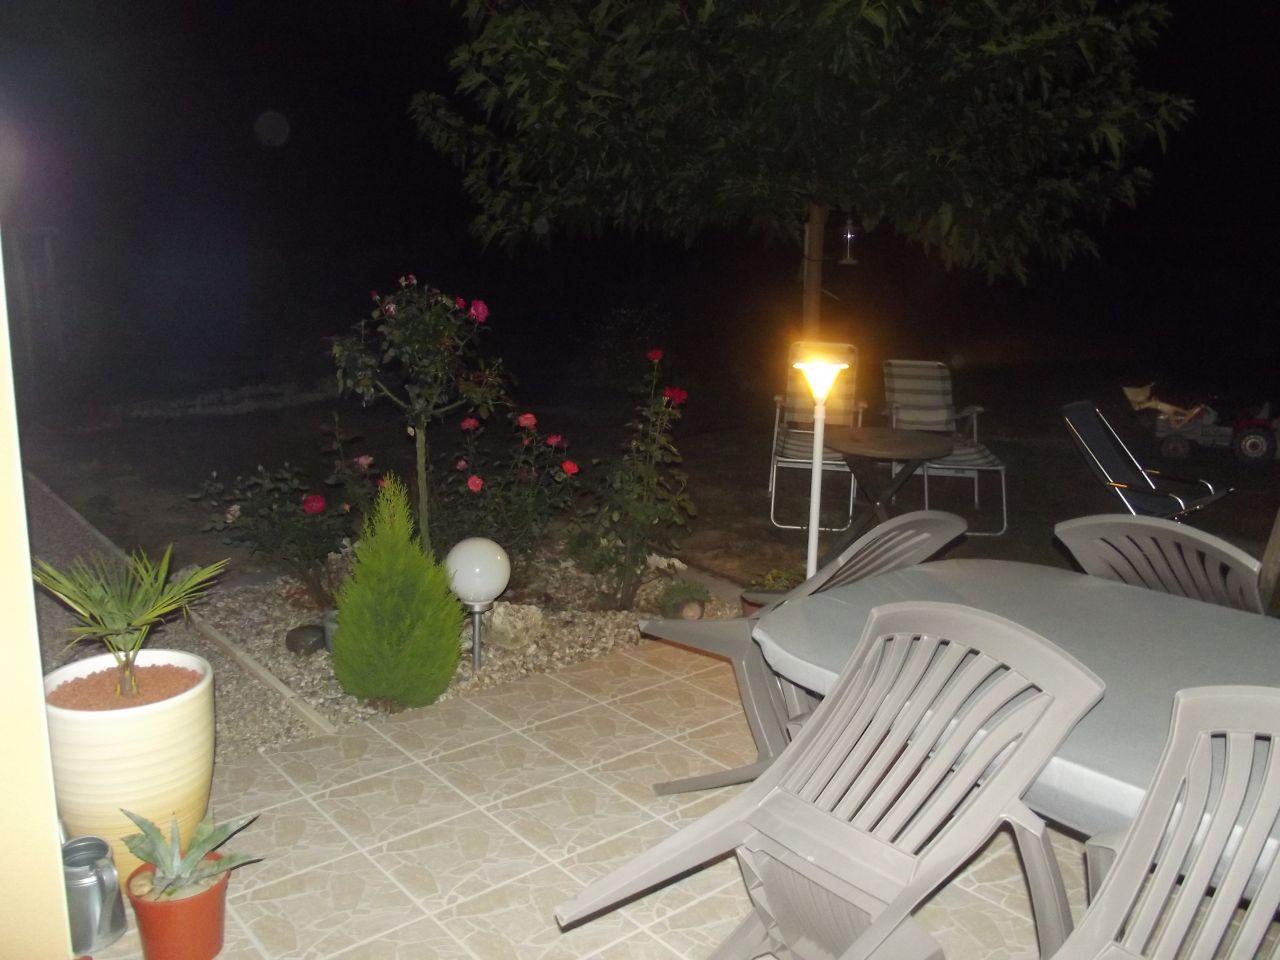 Eclairage de la terrasse opérationnel